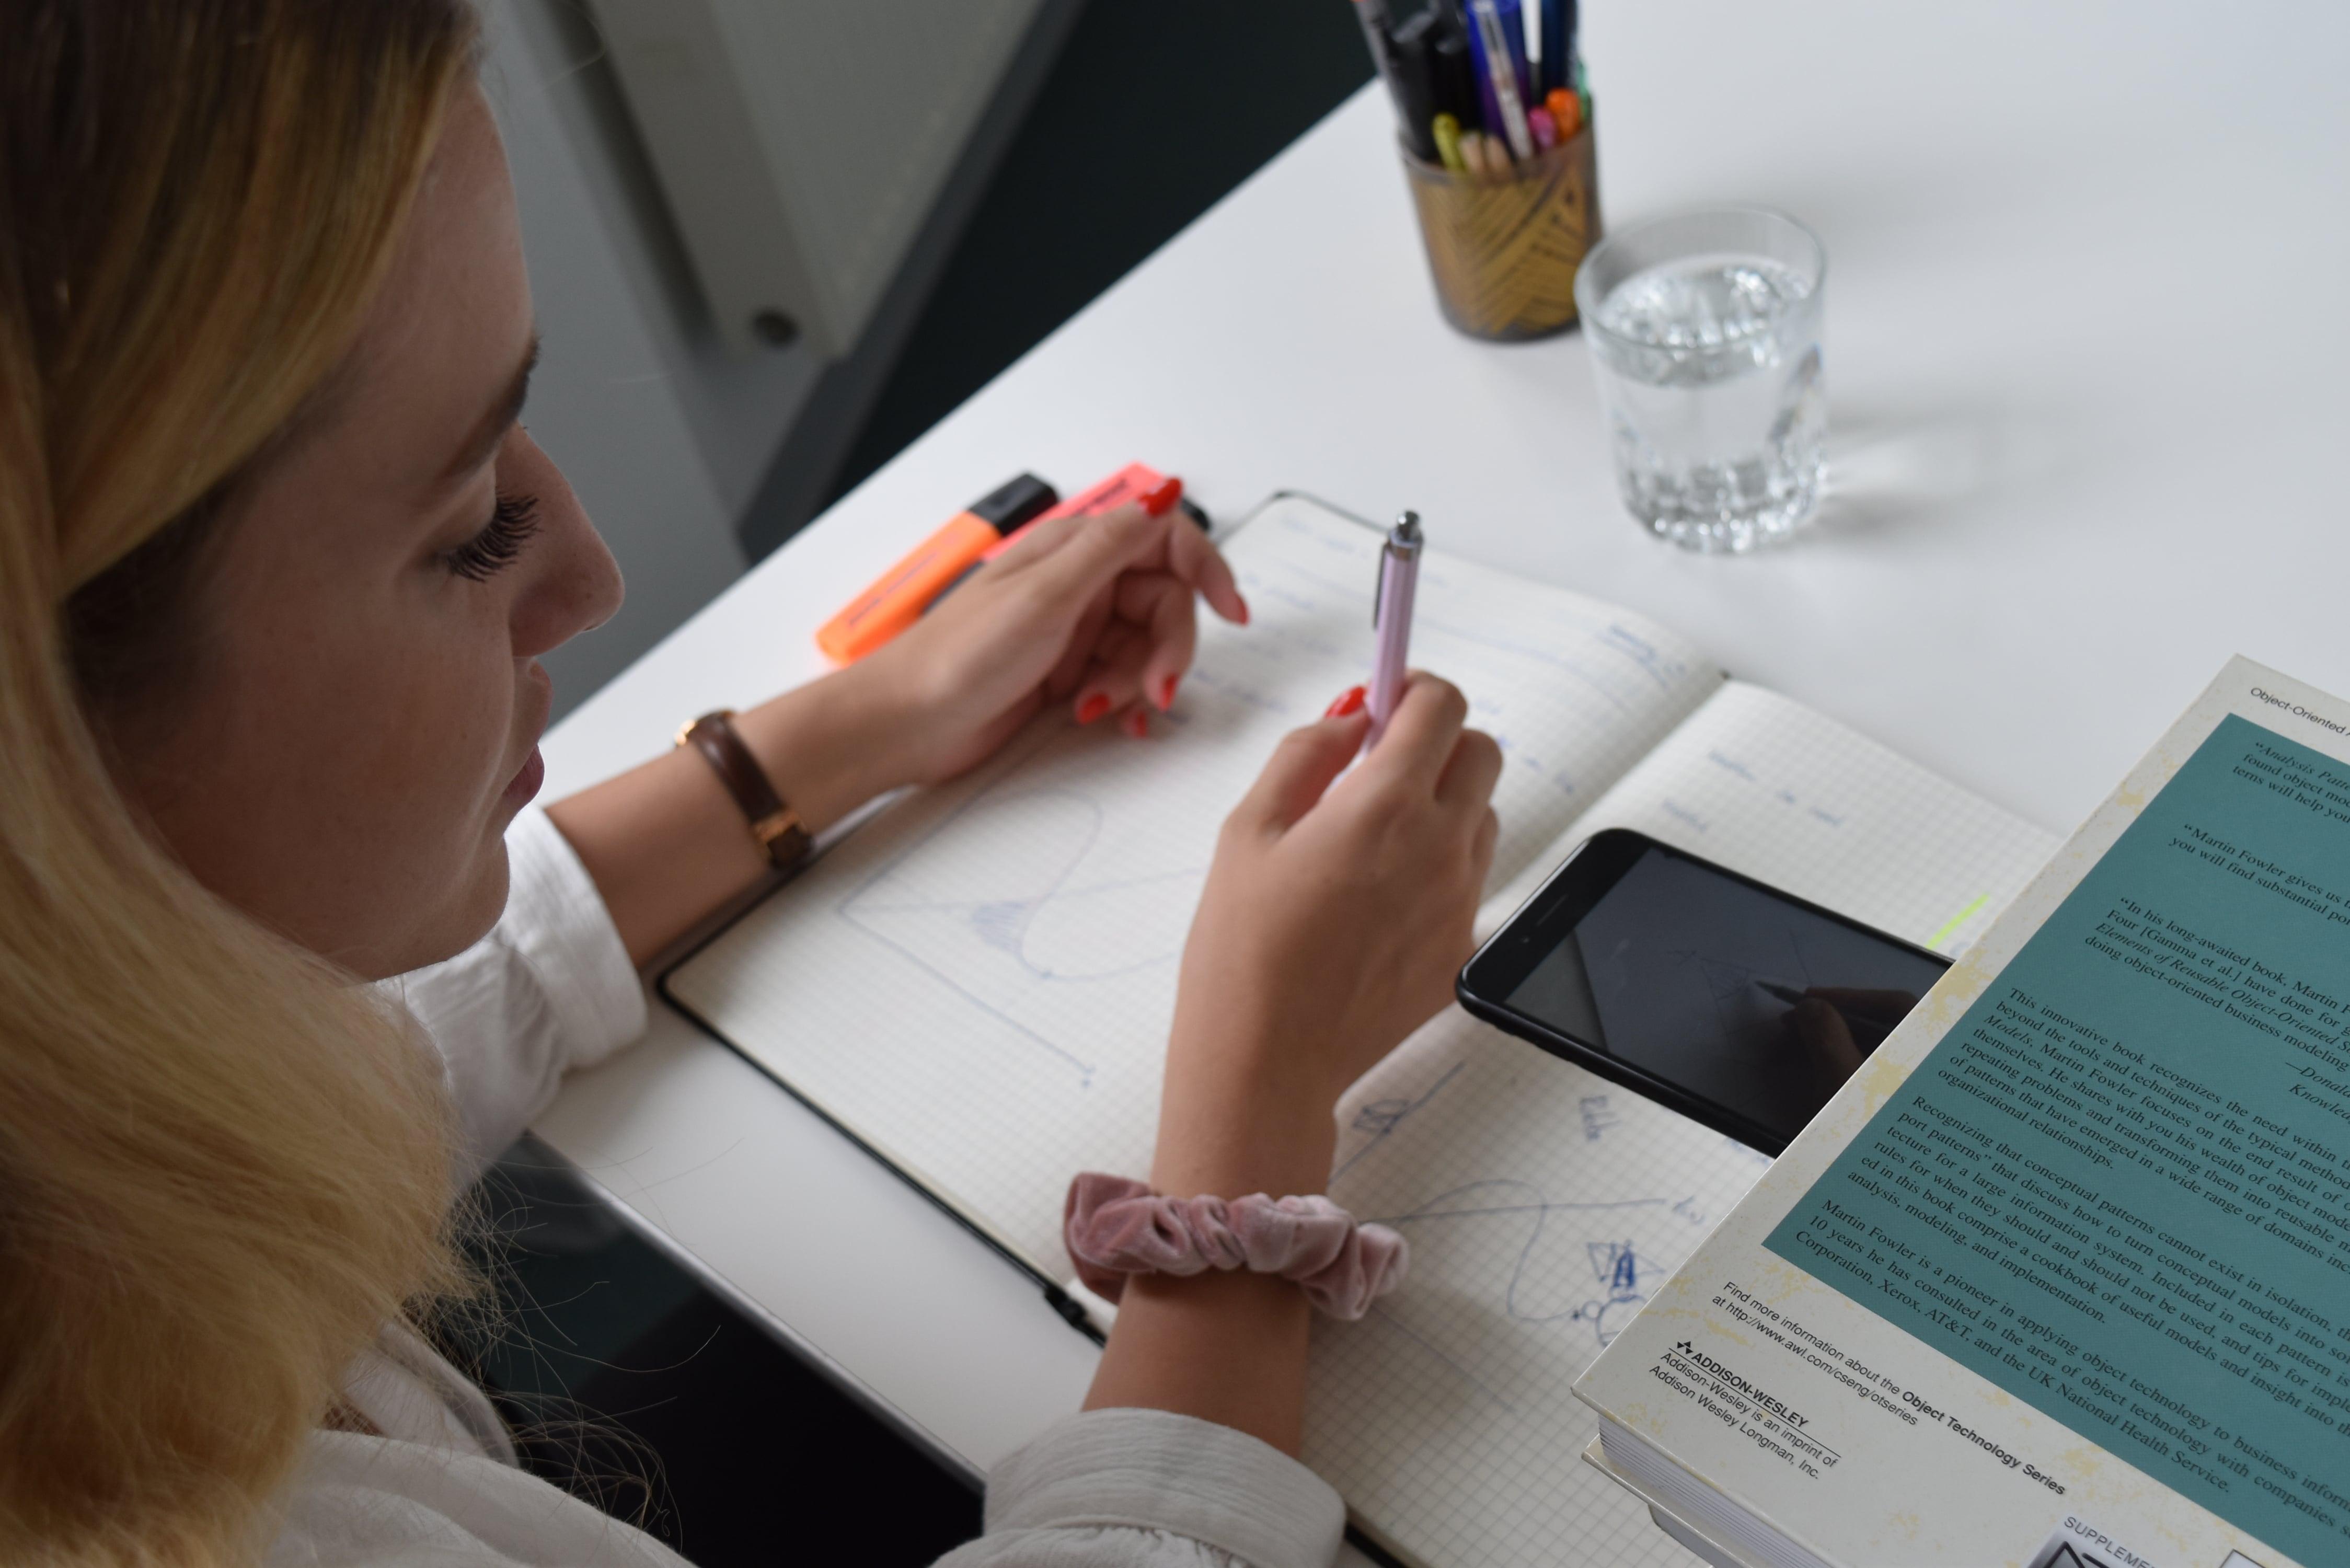 Schülerin sitzt an einem Tisch und lernt mit dem Smartphone